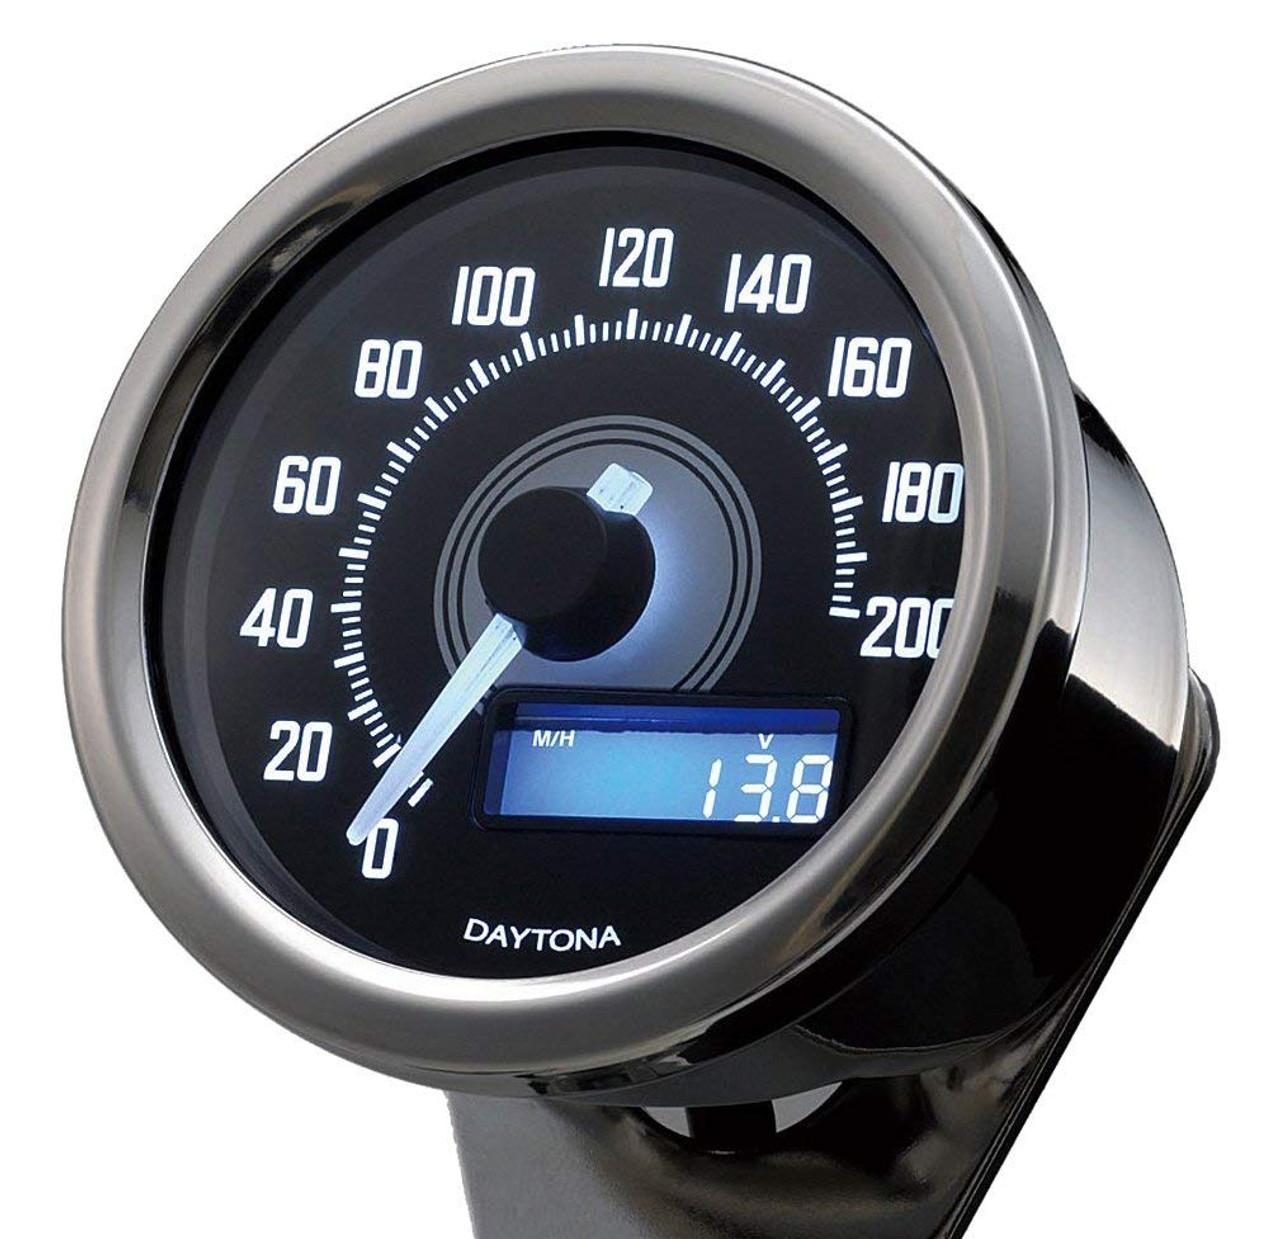 Daytona Velona Speedometer, 60mm 200kmph, Polished Chrome